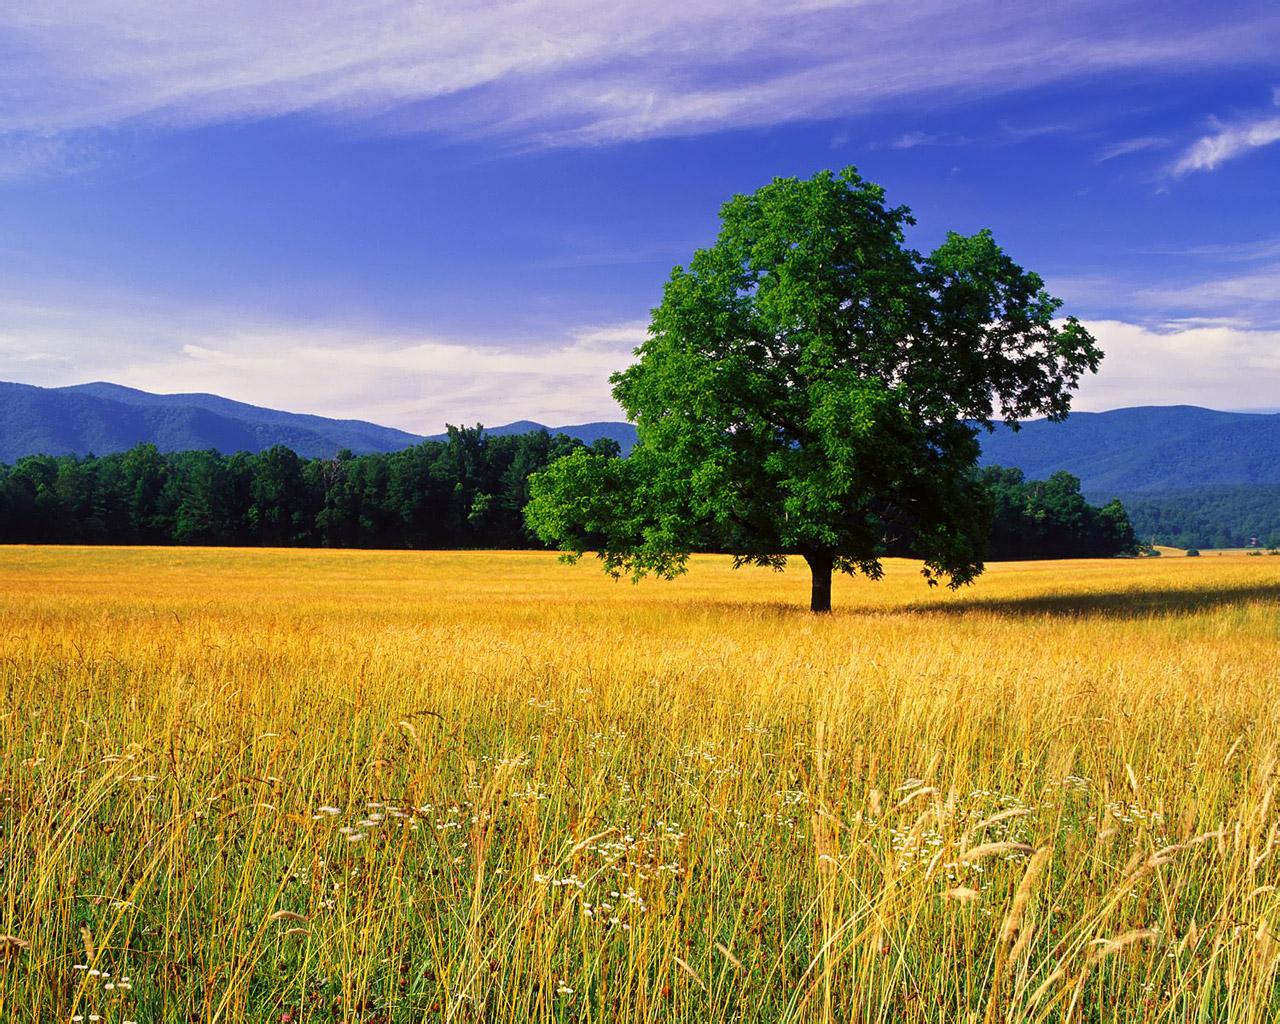 http://2.bp.blogspot.com/-o6-aHsYA94w/Tey-dK8sCYI/AAAAAAAAAQc/CAUP8_67p18/s1600/1280_1024_nature_wallpaper_106320843.jpg